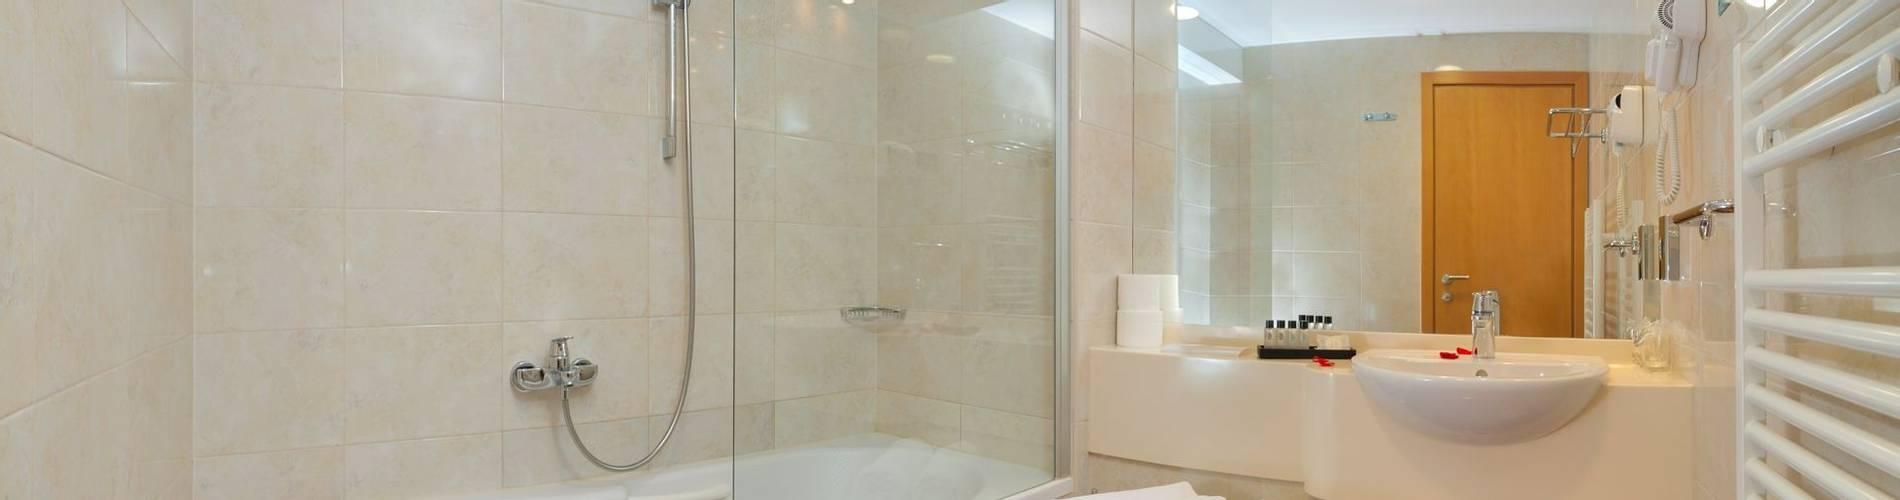 standard room toilet.jpg